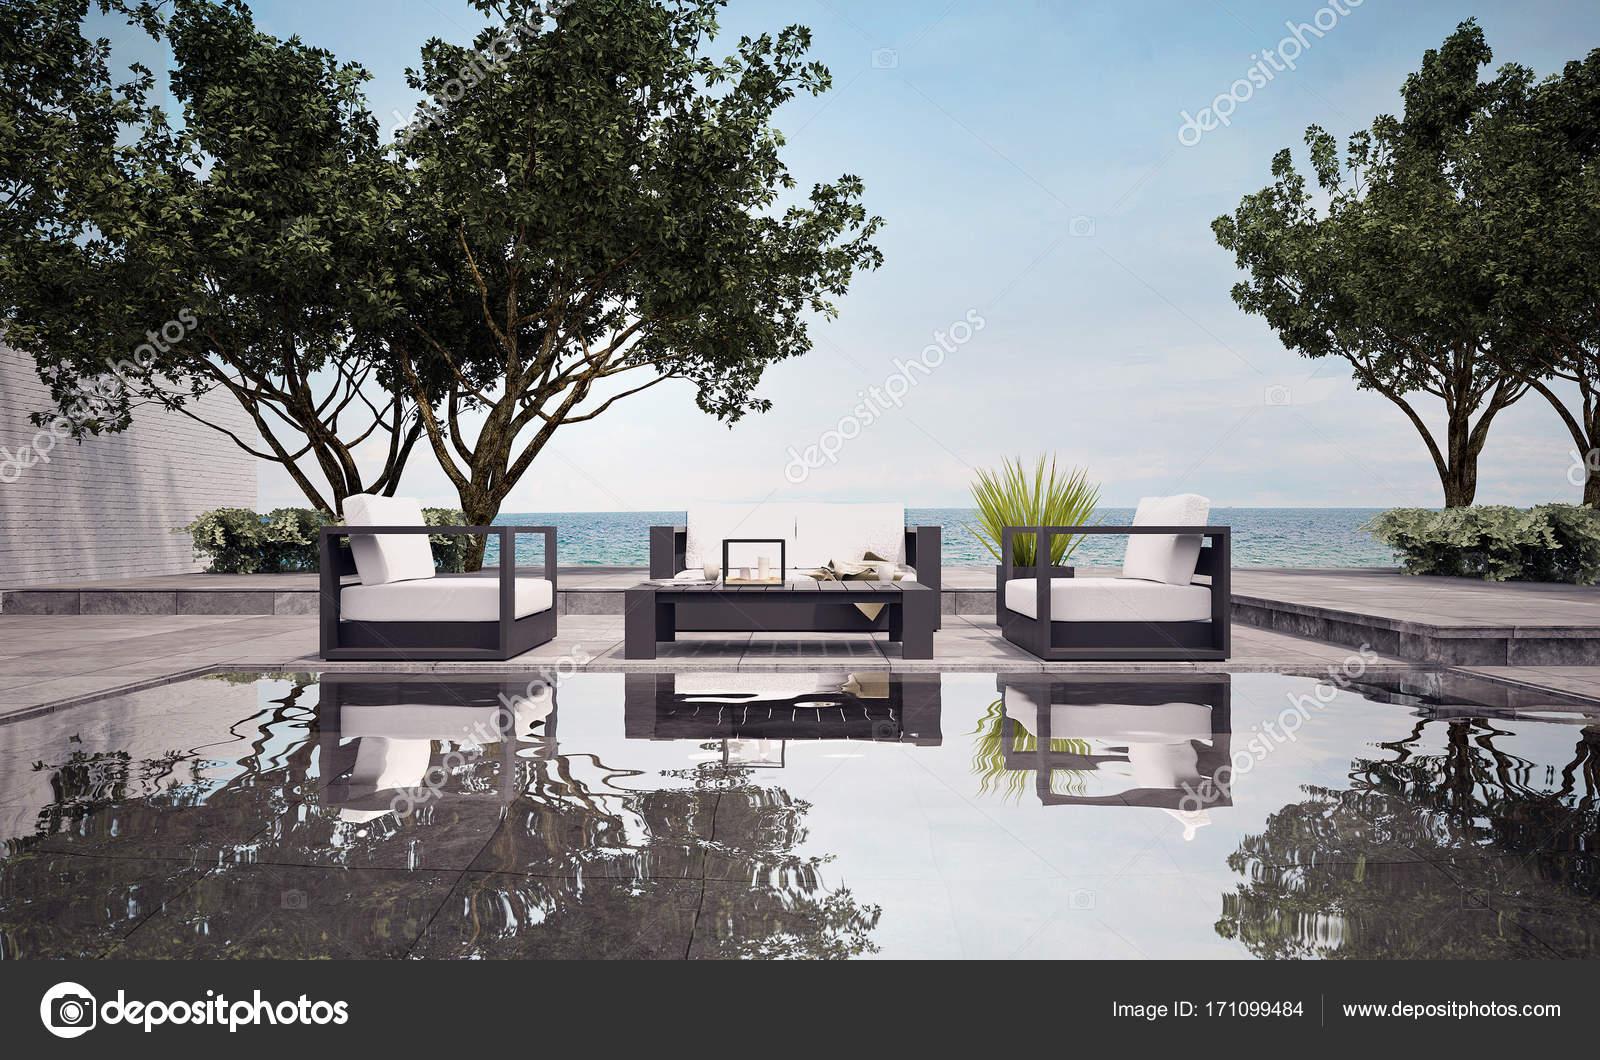 Het interieur design concept idee van buiten beach lounge en zee